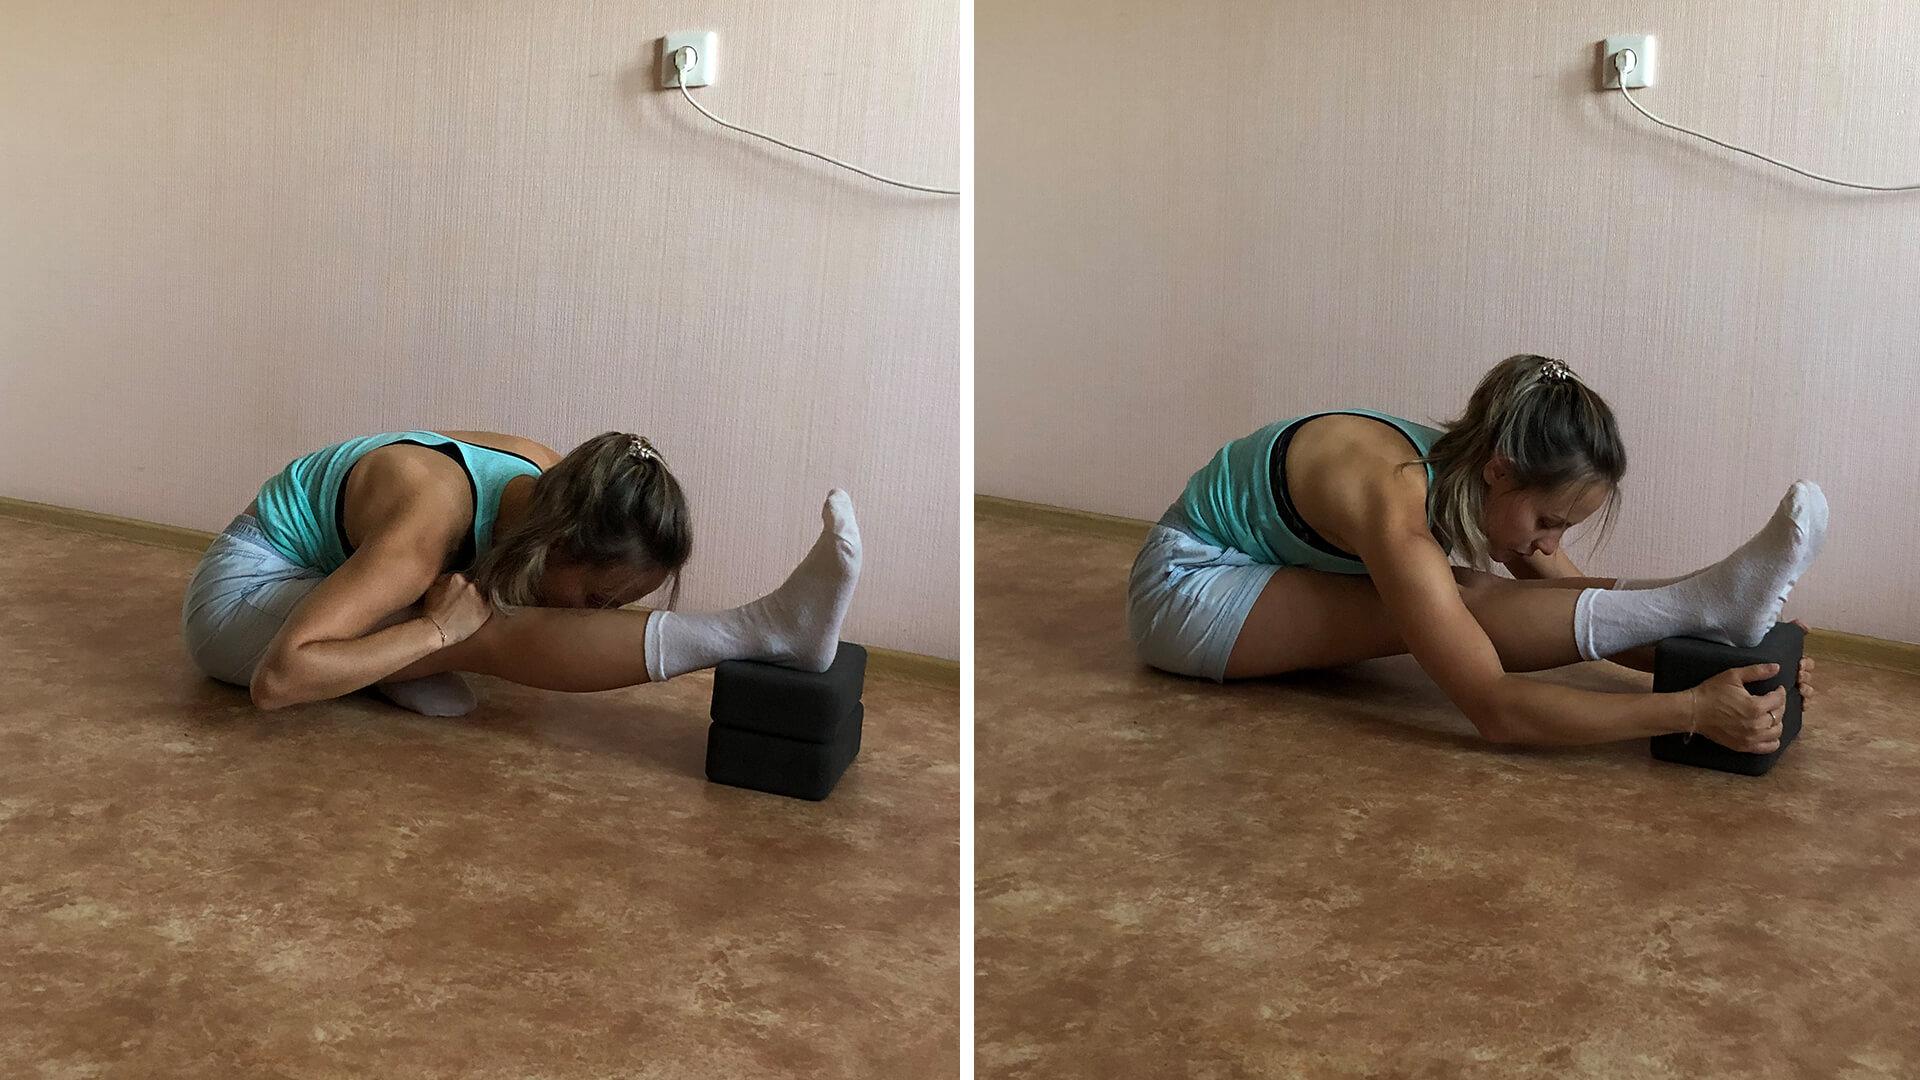 Вытяжение задней поверхности ног с кубиком.